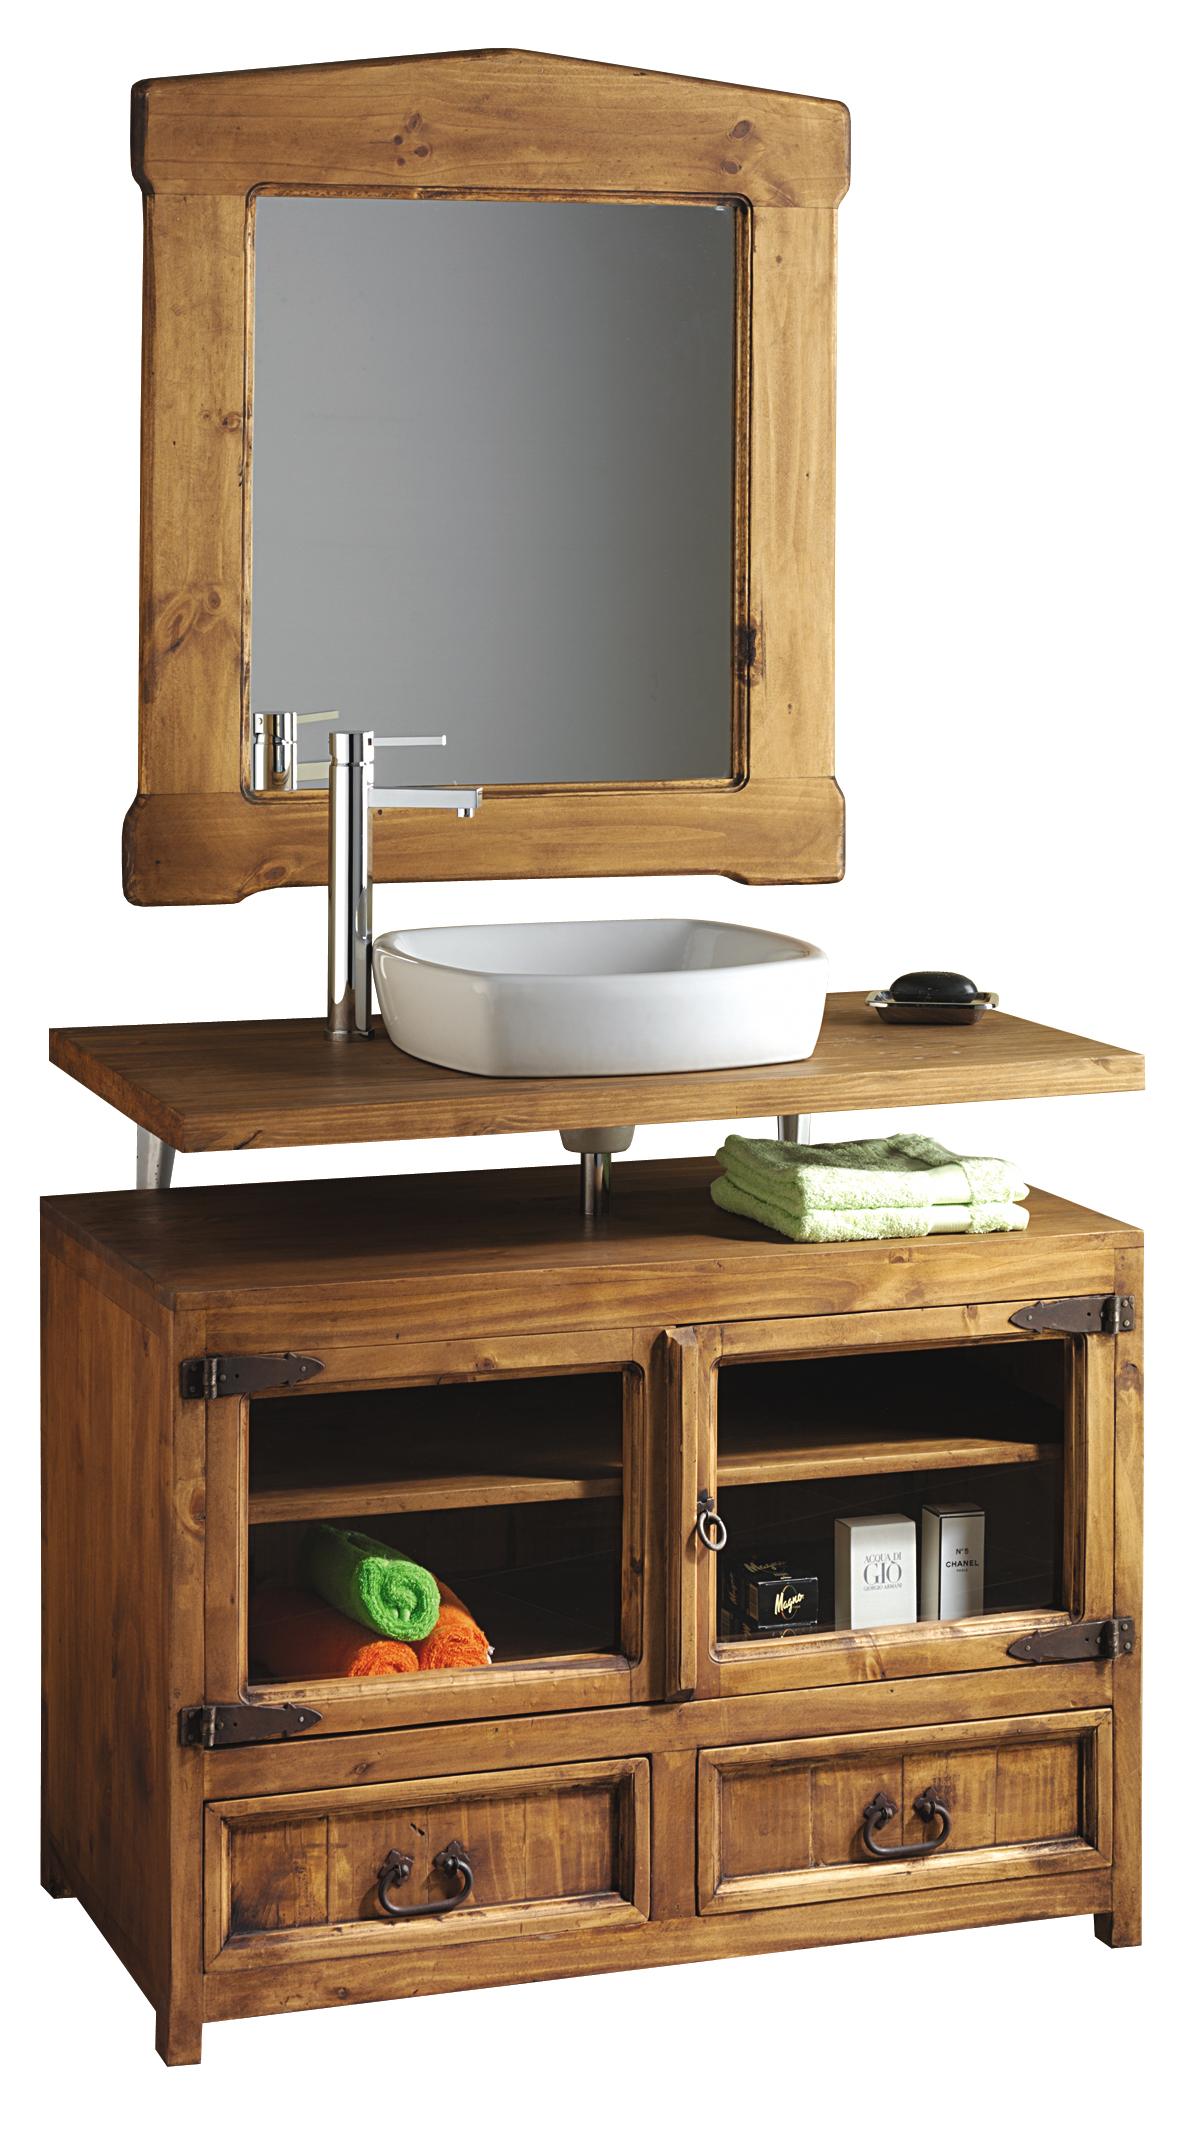 C moda ba o r stica troncos 24543 myoc f brica de muebles r sticos 100 madera maciza - Muebles bano madera maciza ...